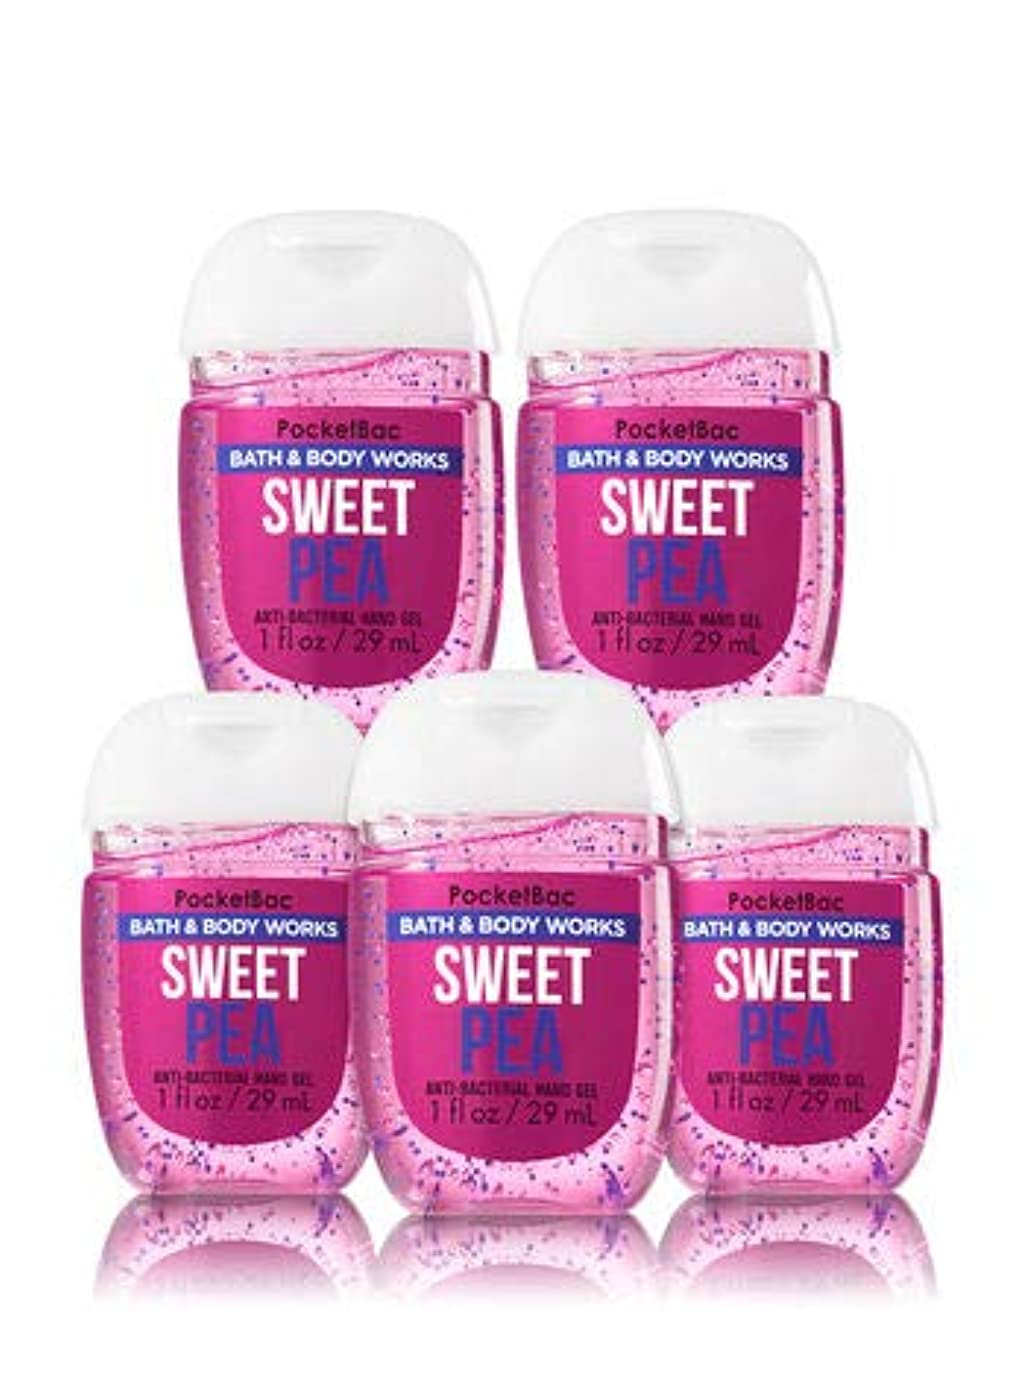 まだら外部差し迫った【Bath&Body Works/バス&ボディワークス】 抗菌ハンドジェル 5個セット スイートピー Sweet Pea PocketBac Hand Sanitizer Bundle (5-pack) [並行輸入品]